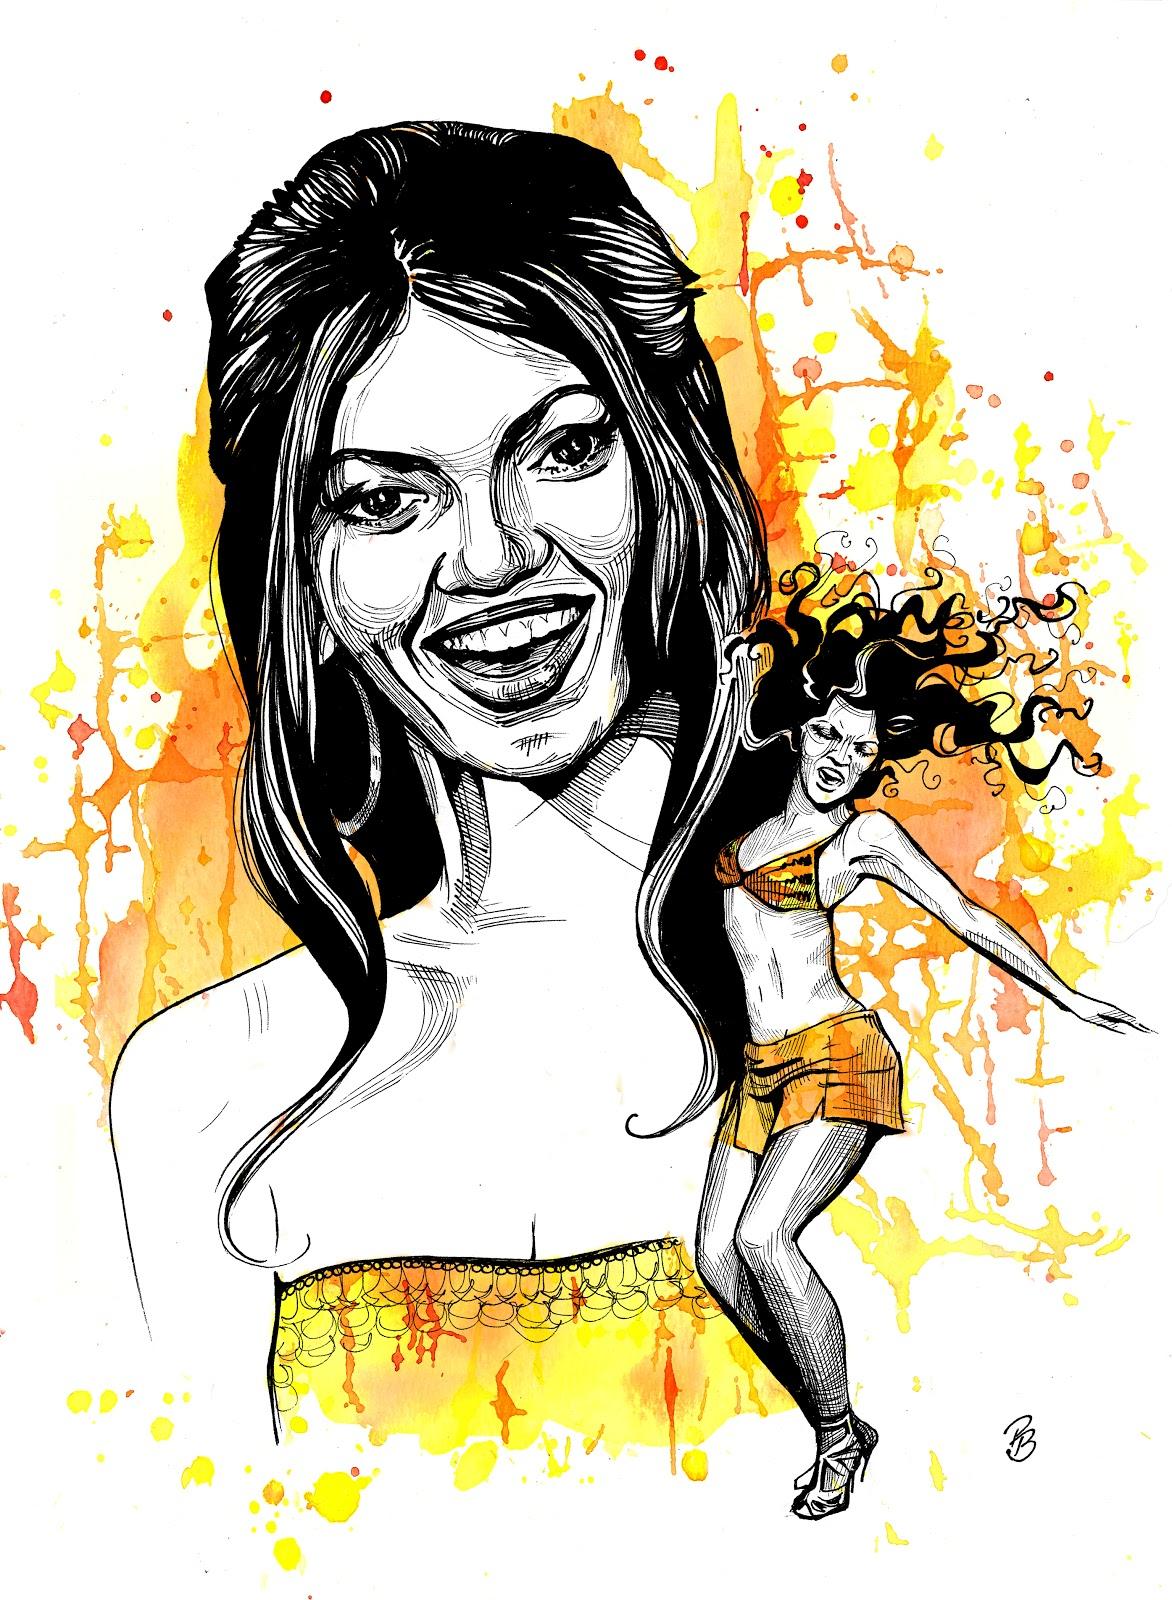 http://2.bp.blogspot.com/-d1NgH6pMQVI/TWWpPjtPiVI/AAAAAAAAANg/zeUEGcSSroc/s1600/Beyonce+Knowles.jpg